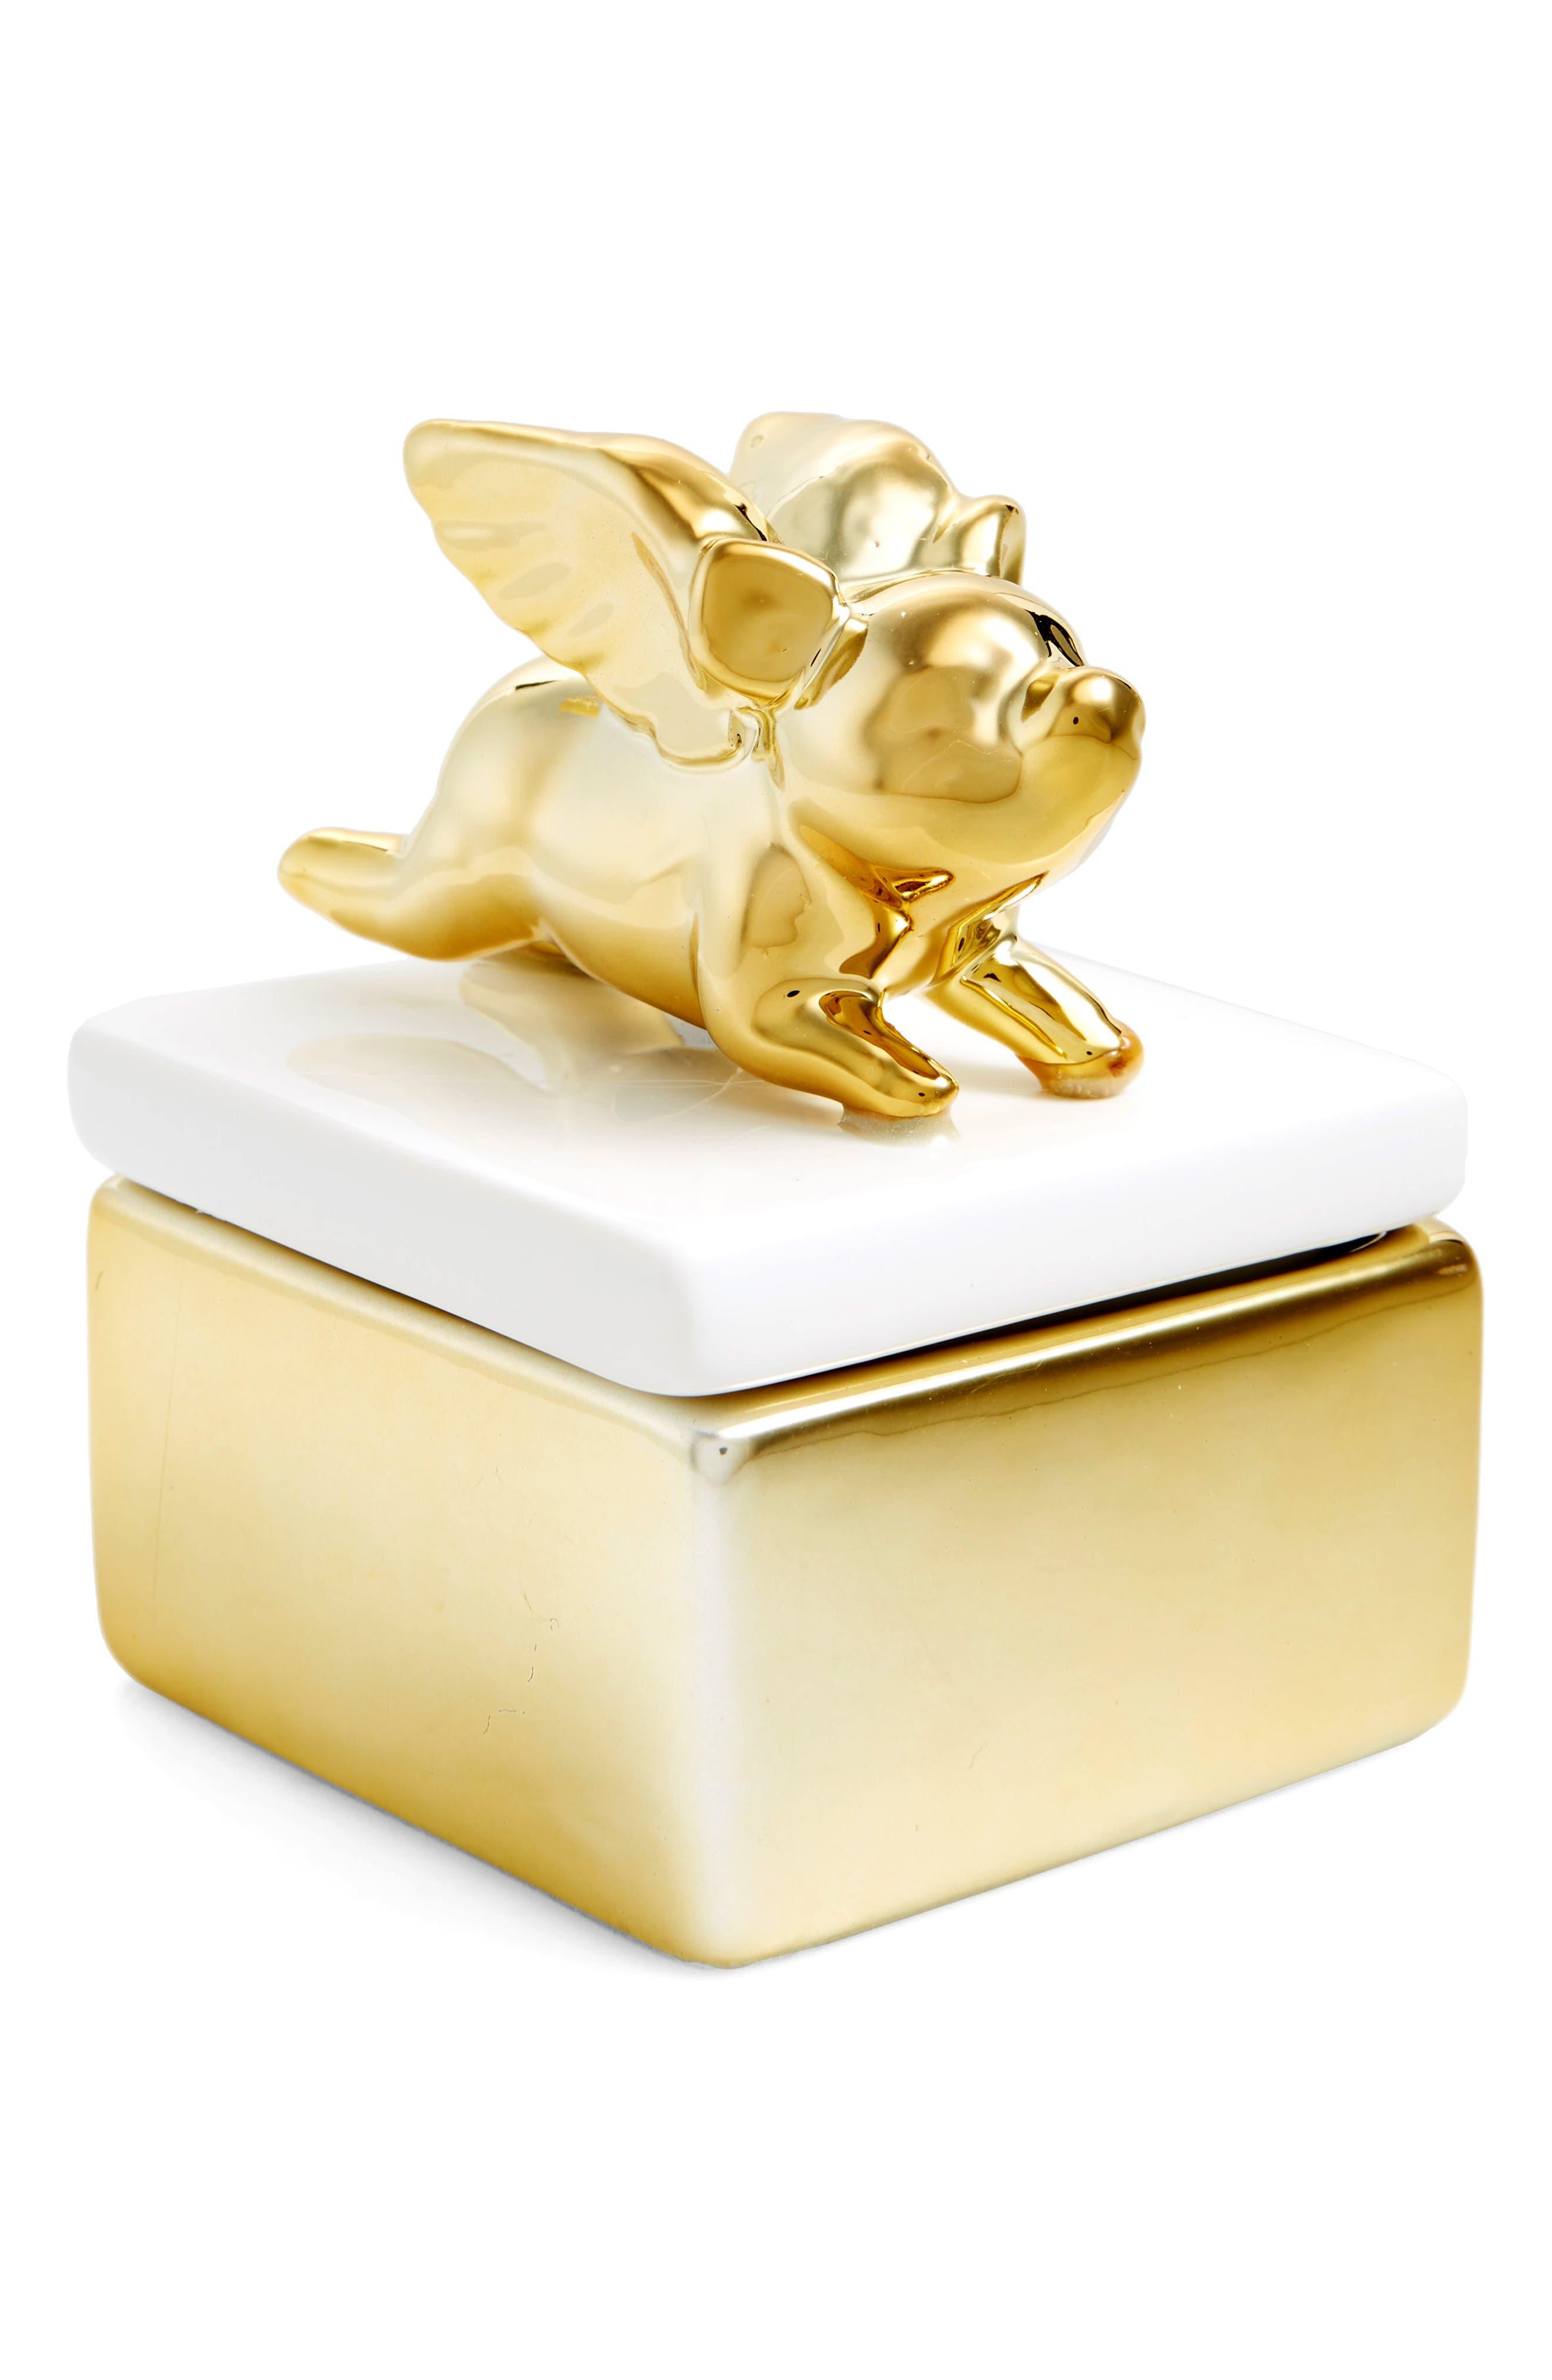 Flying Pig Trinket Box,                             Main thumbnail 1, color,                             710